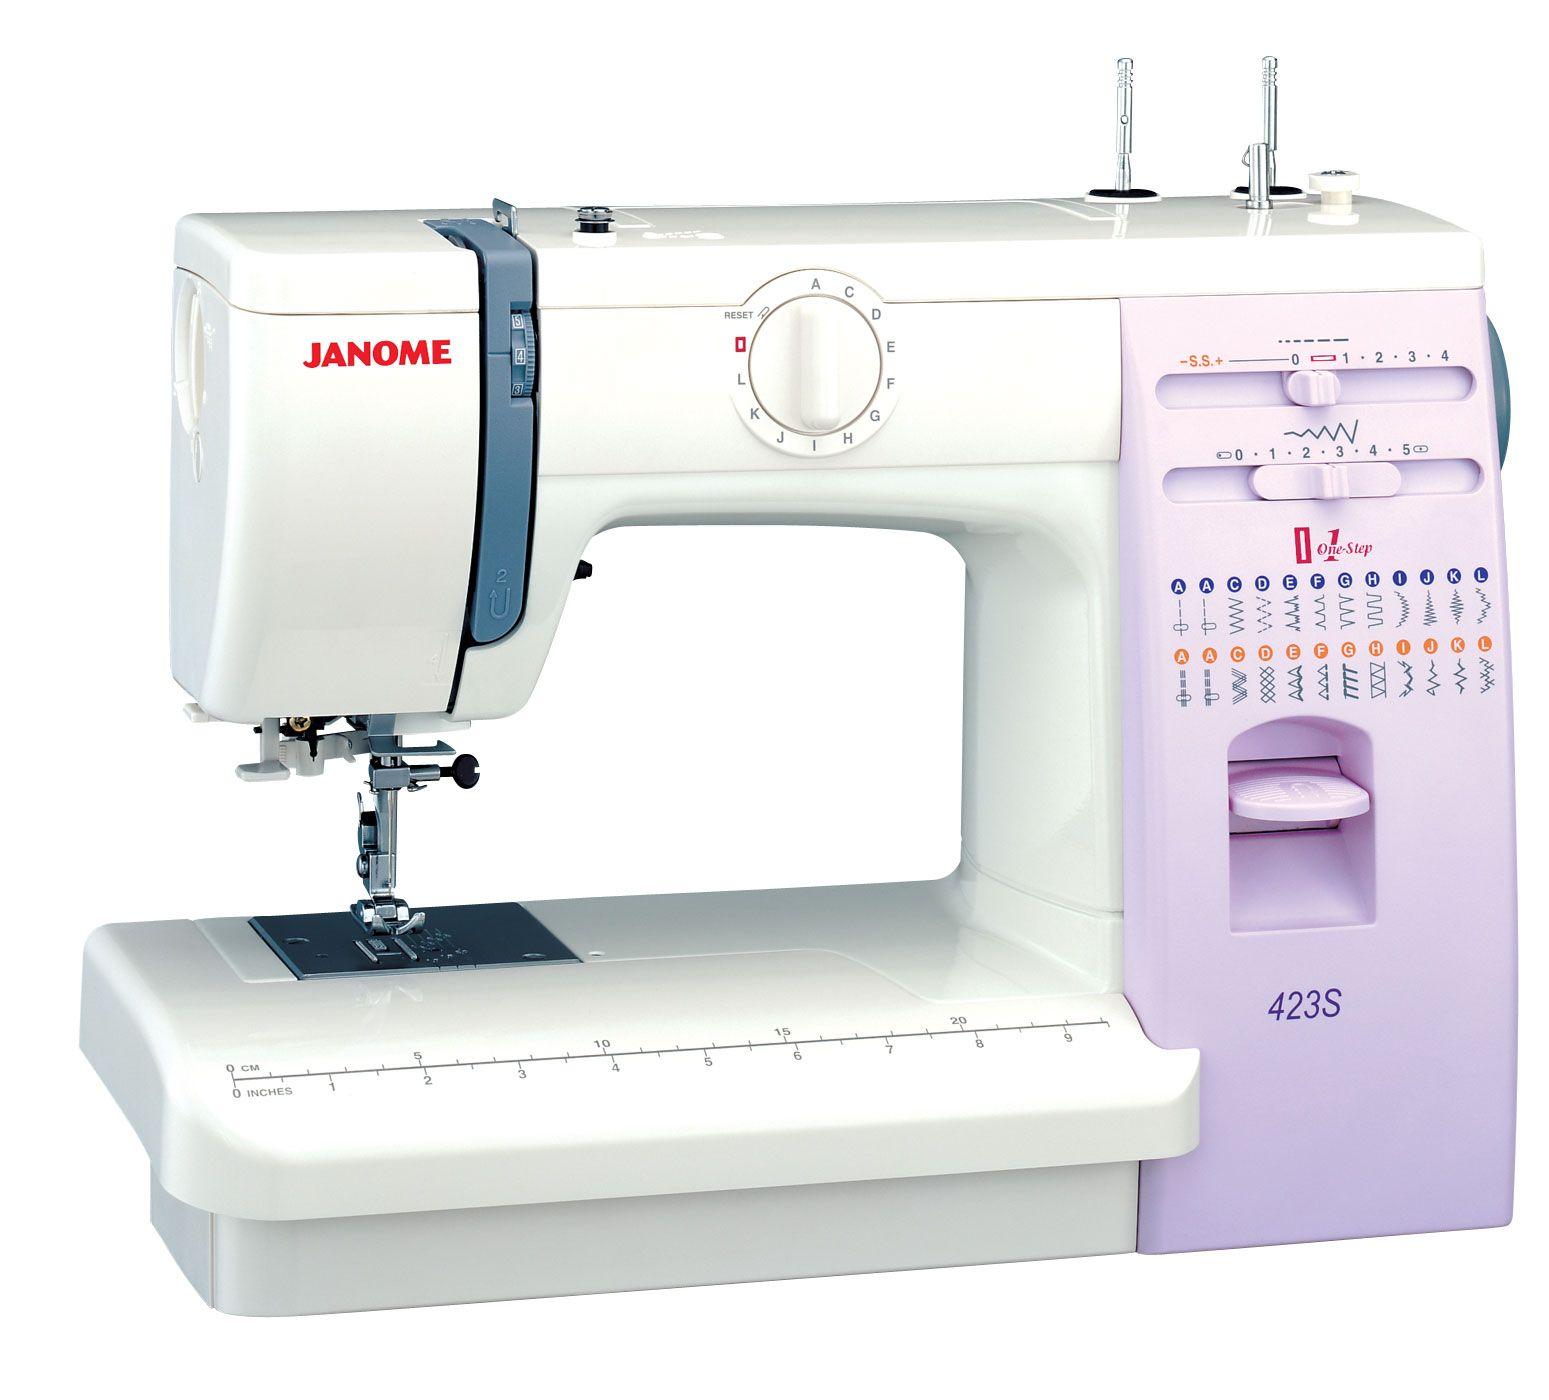 Maquinas de coser-Janome | Marcas de máquinas de coser